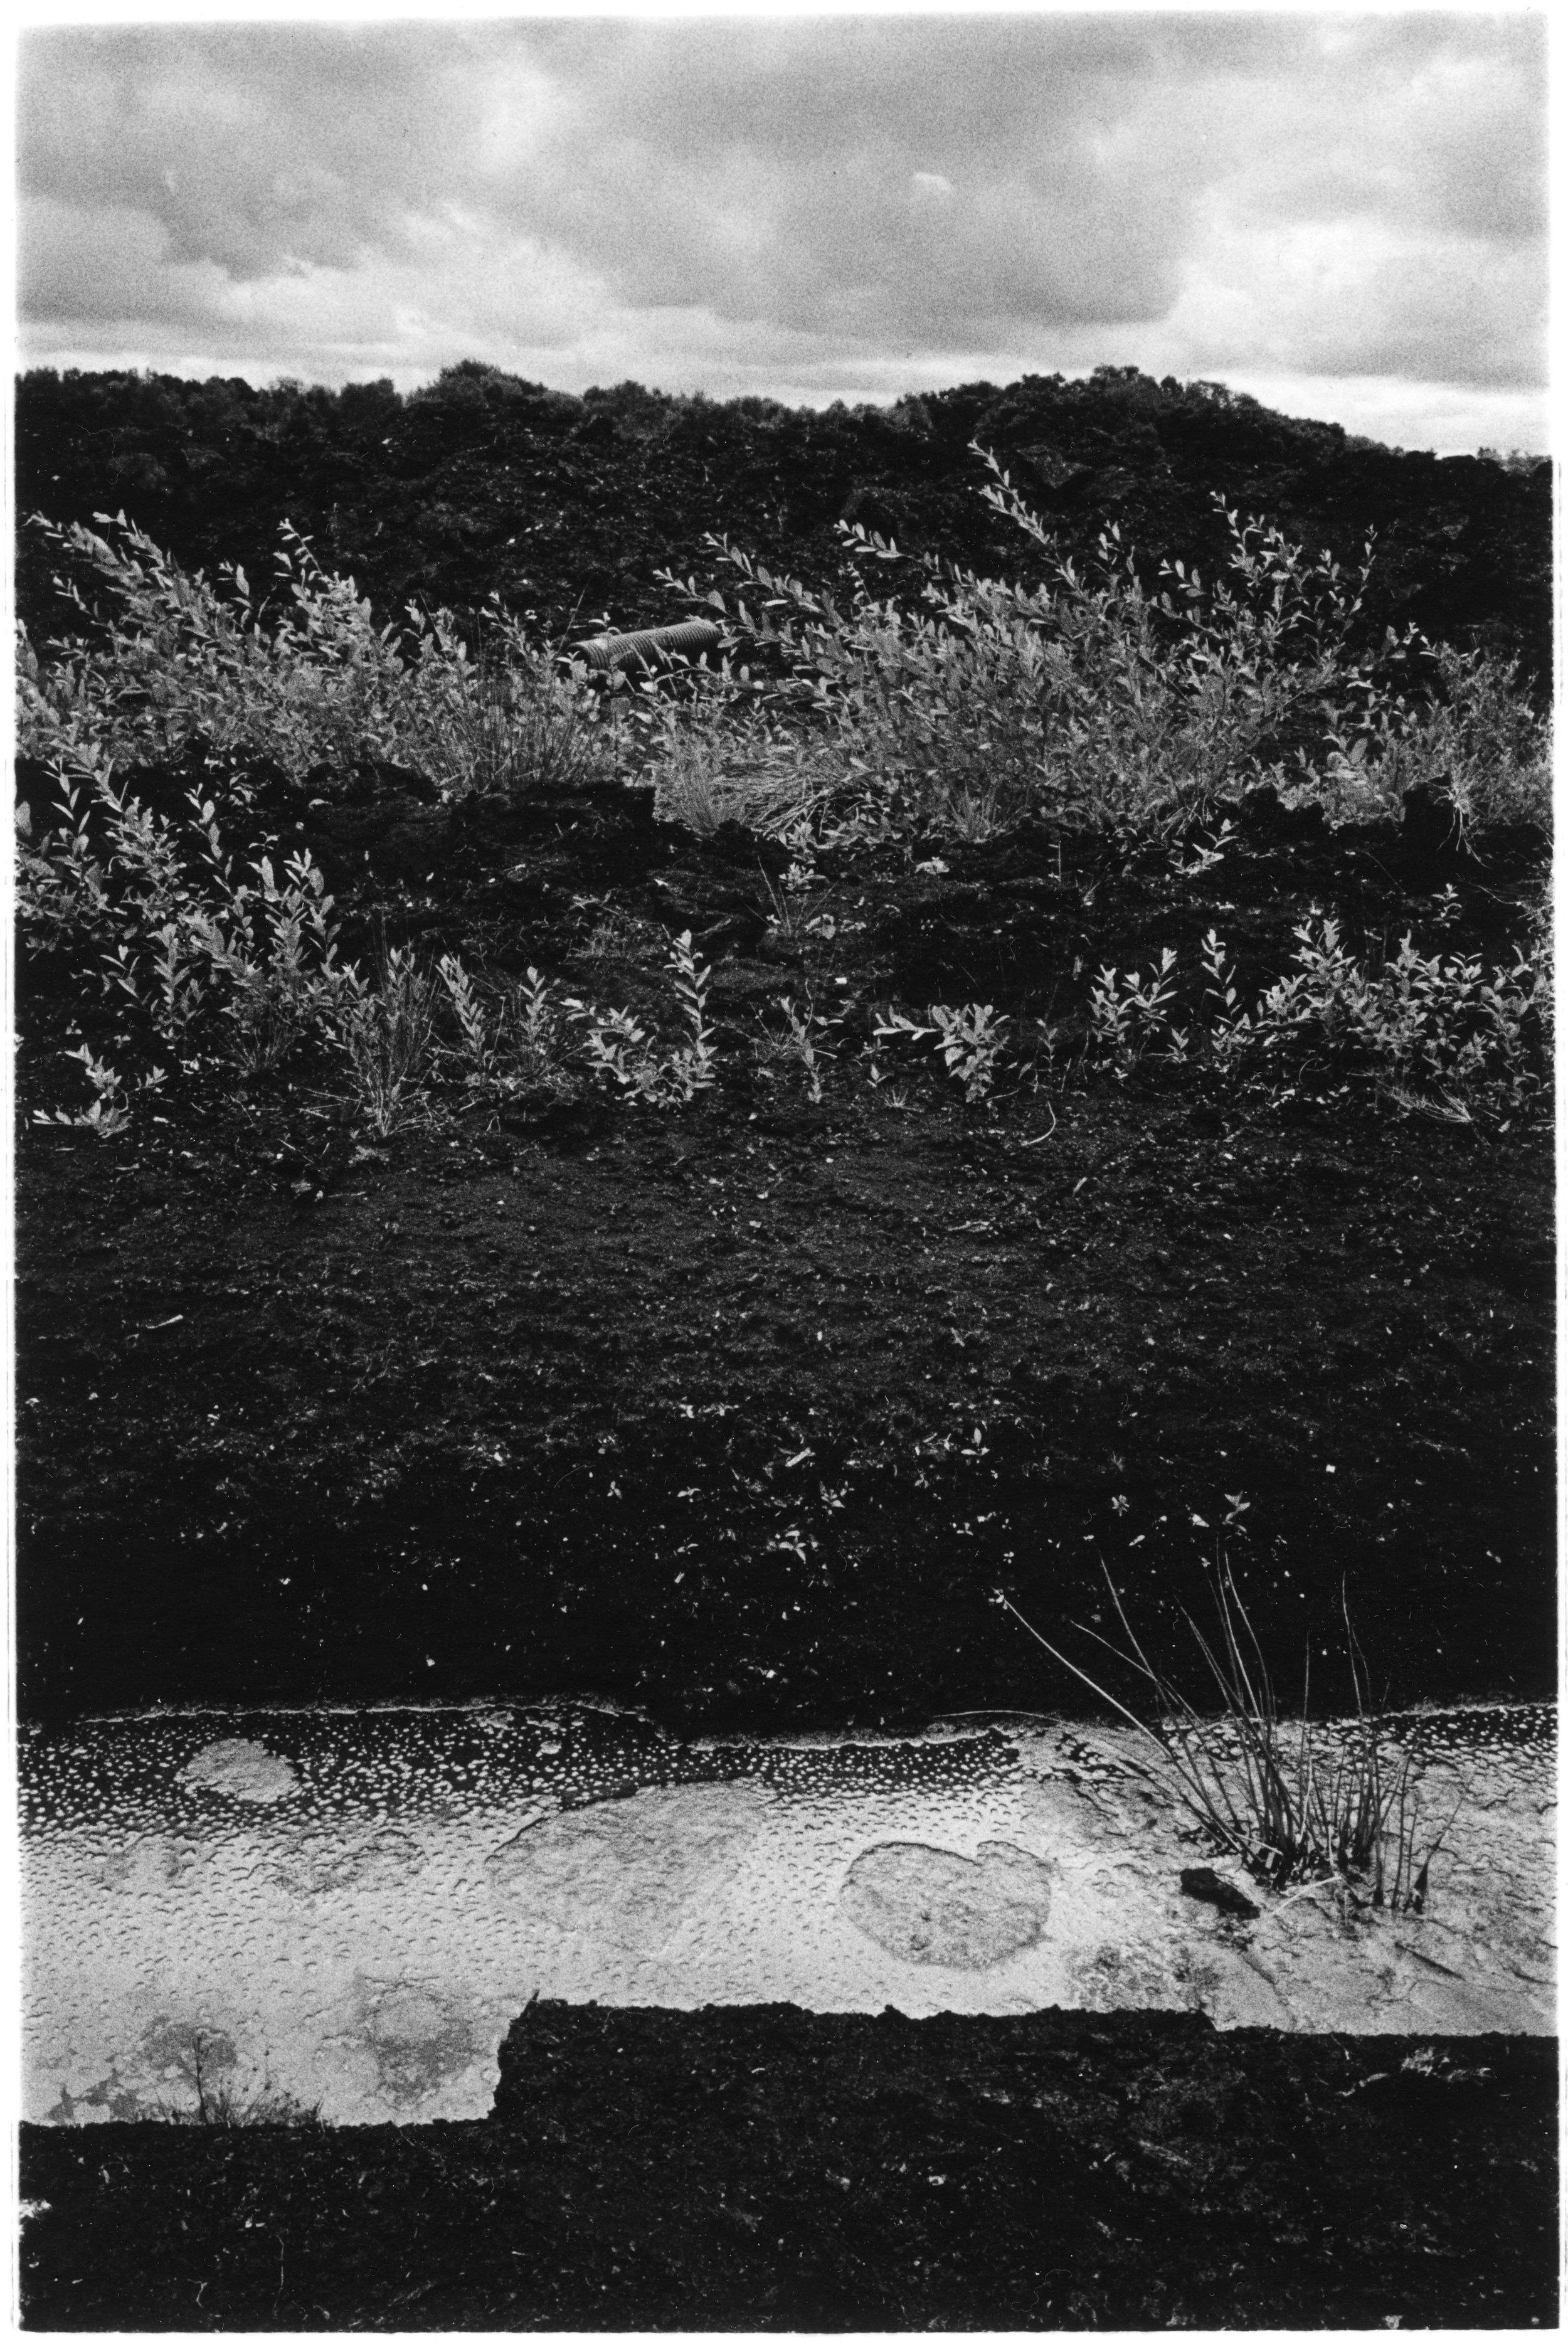 Lindow Moss, Cheshire